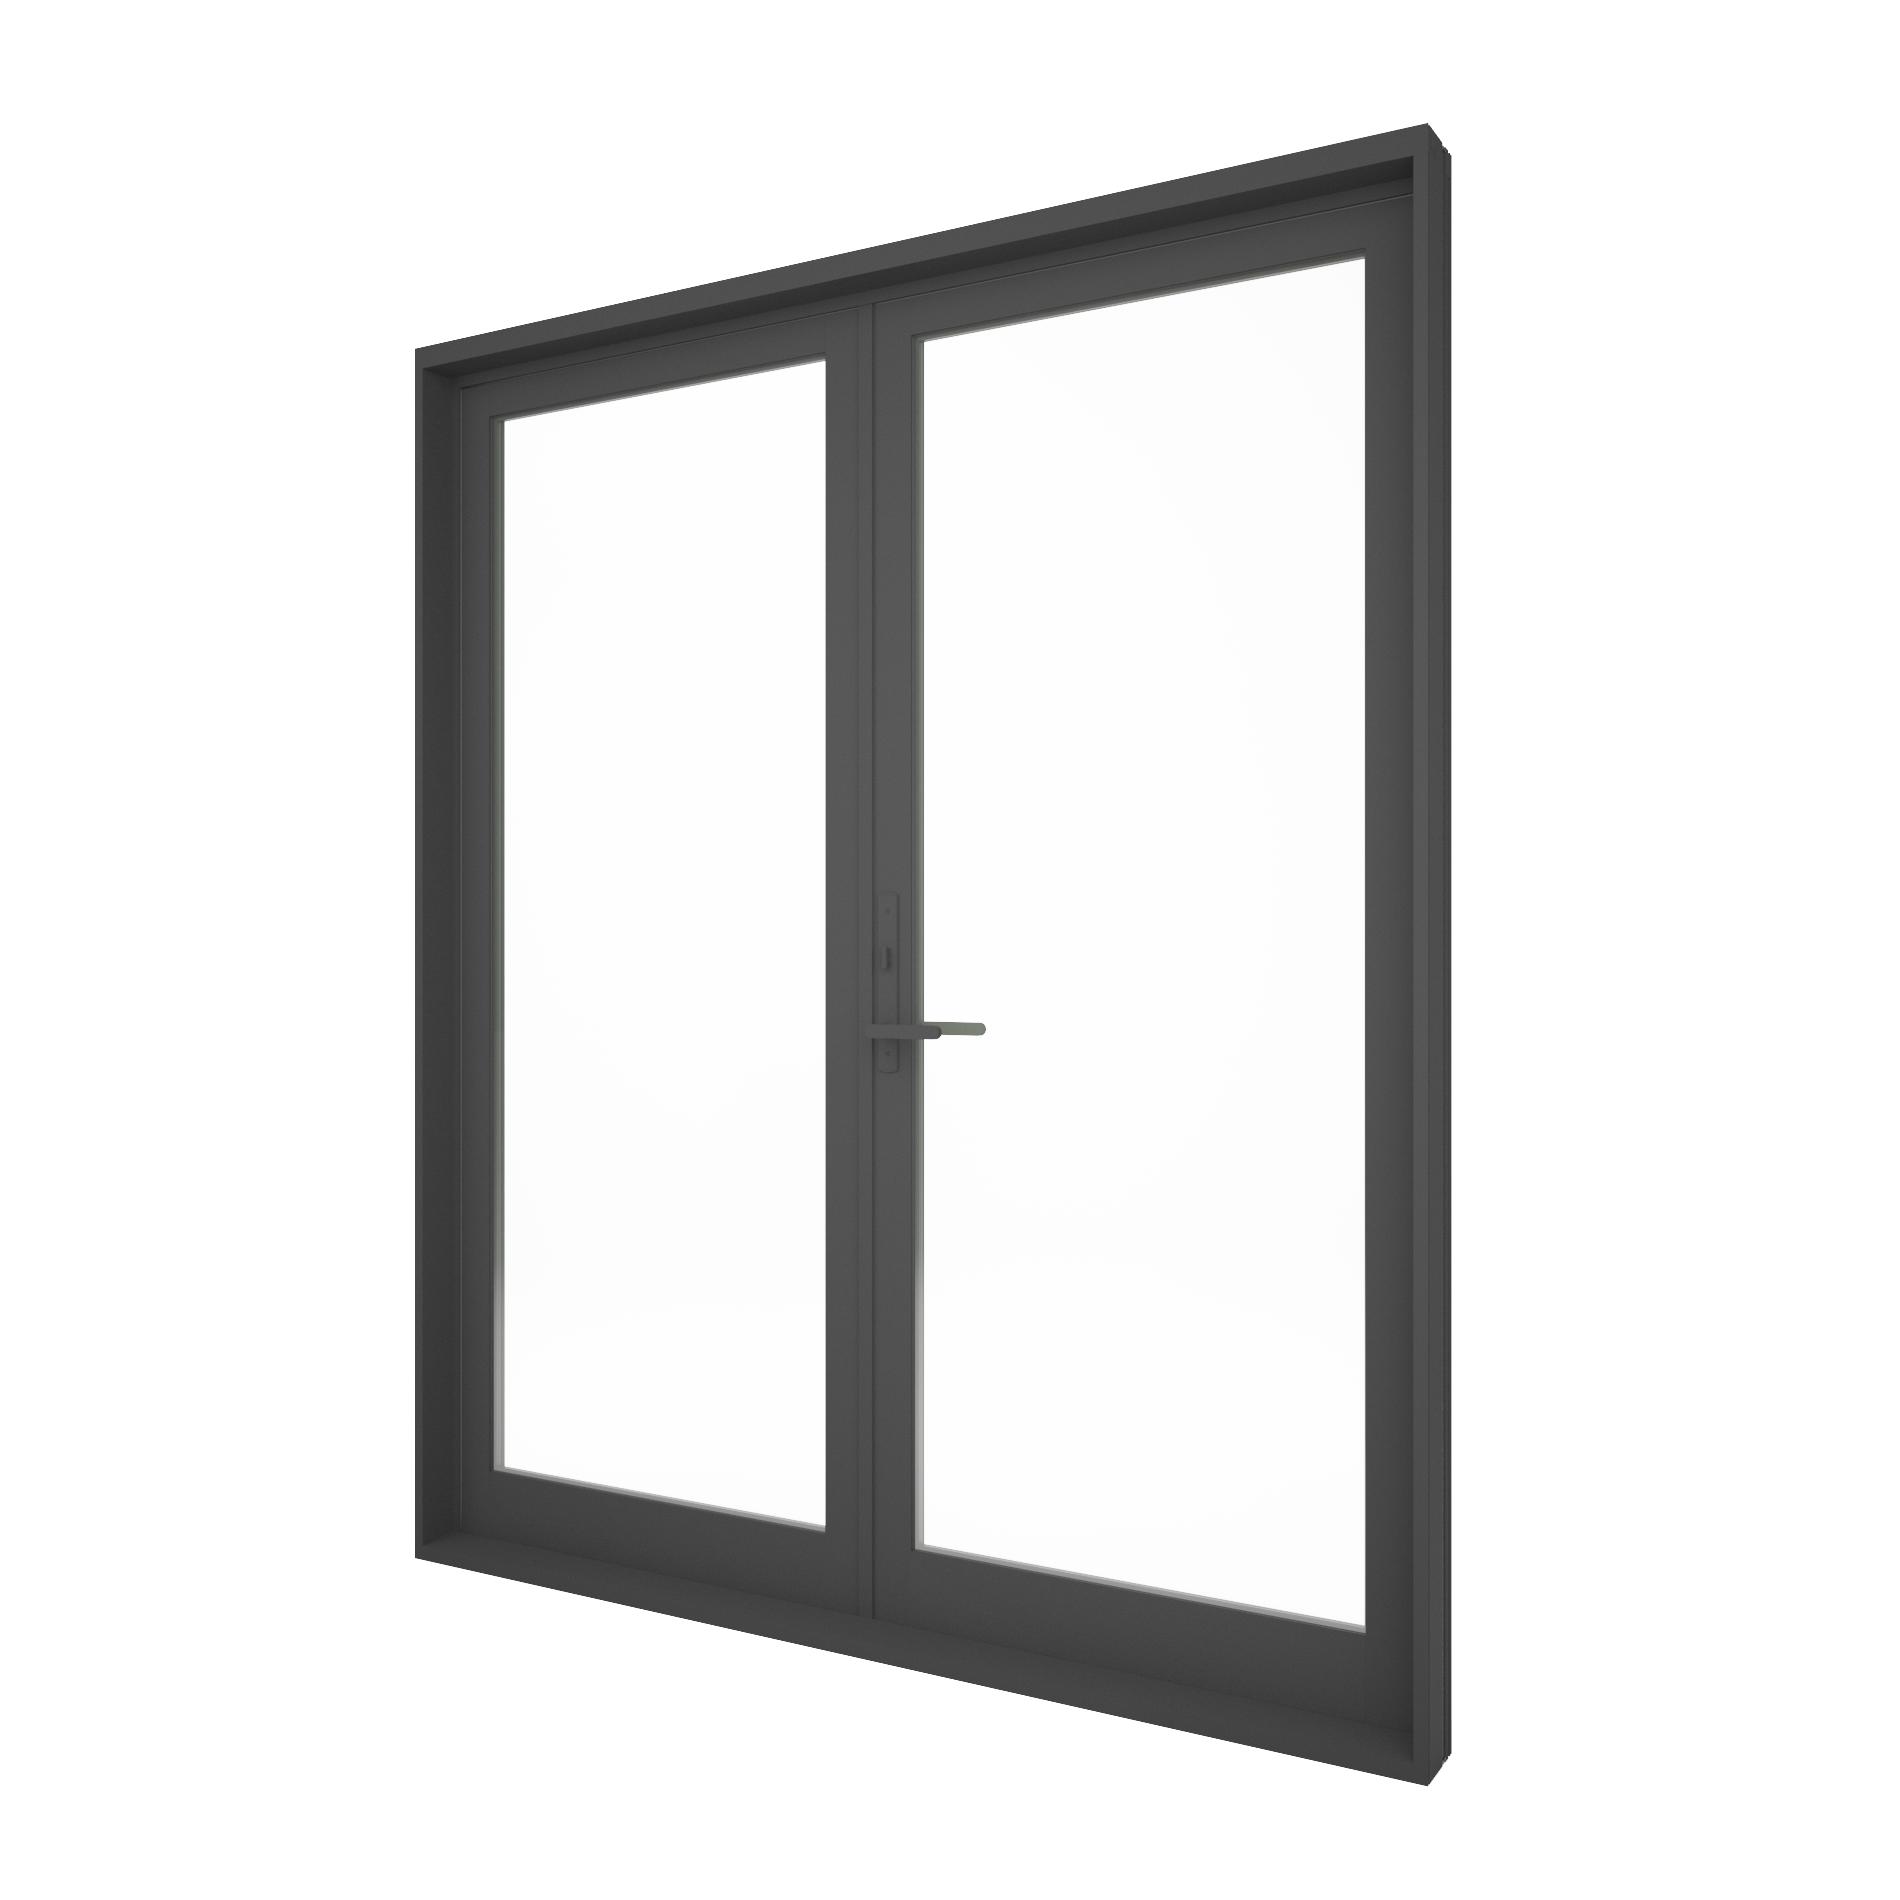 OD DOUBLE DOOR_G-inside closed_120519 cu